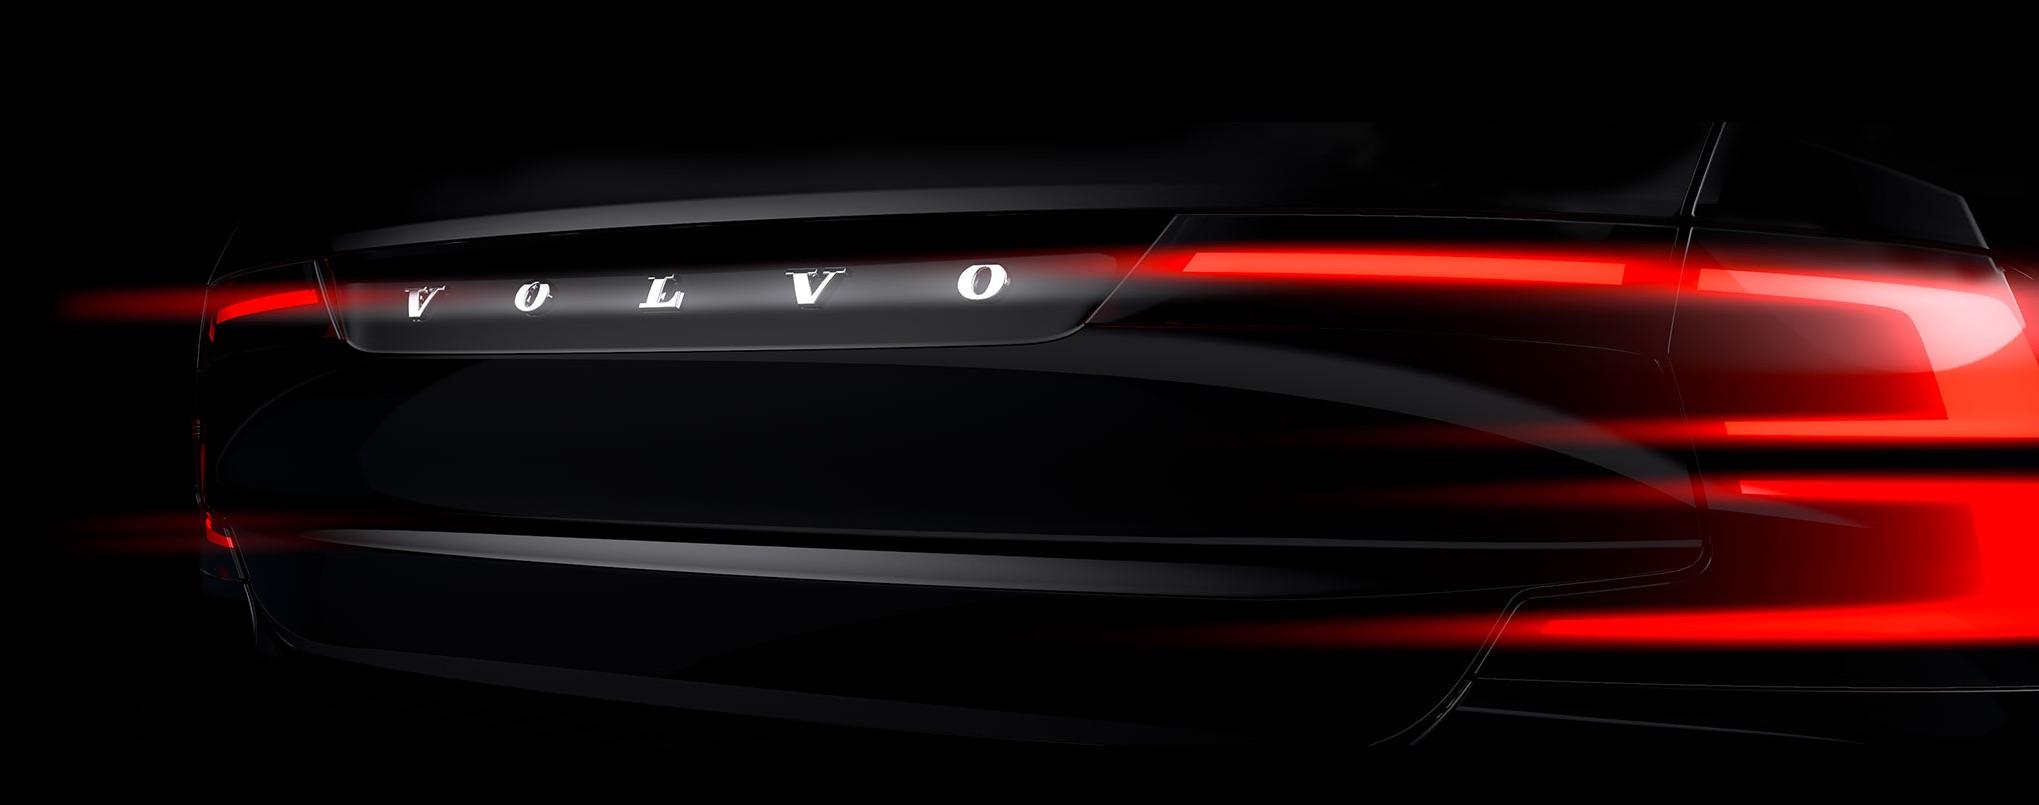 Oto i jest – zupełnie nowe Volvo S90. Wypakowane technologią po brzegi